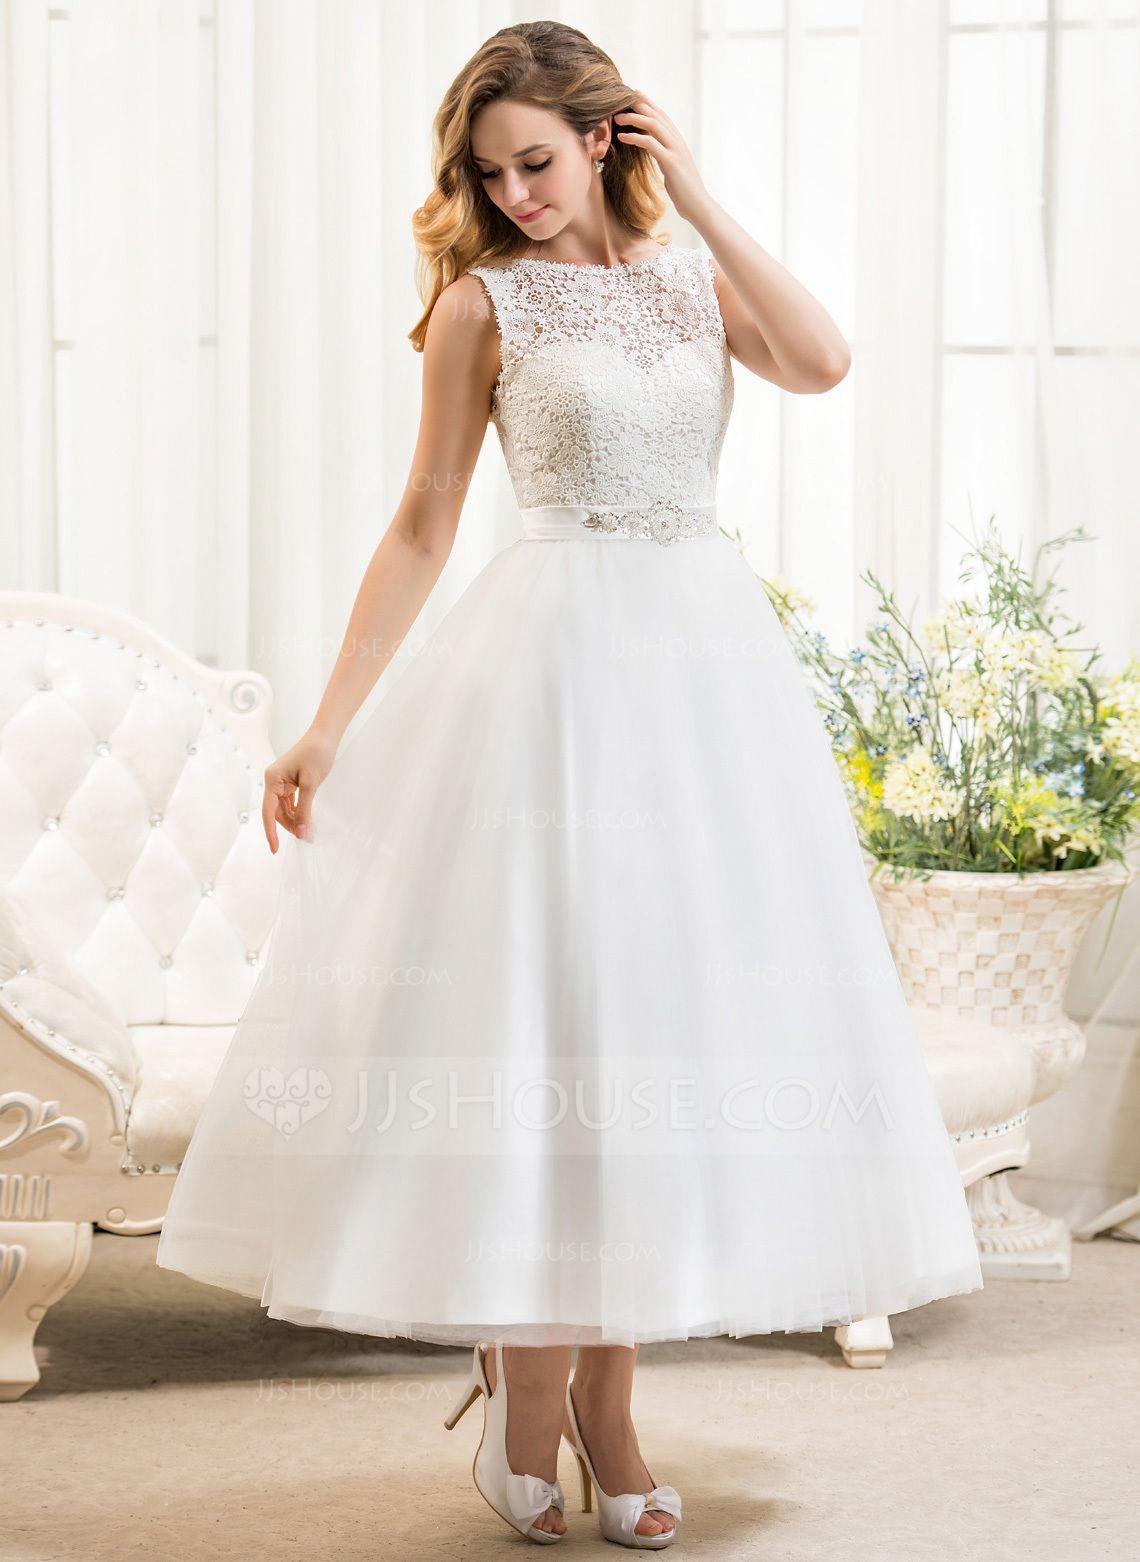 [€ 154.00] Vestido de novia de encaje de tul con escote redondo hasta la pantorrilla y lentejuelas con pedrería – JJ's House  – Boda